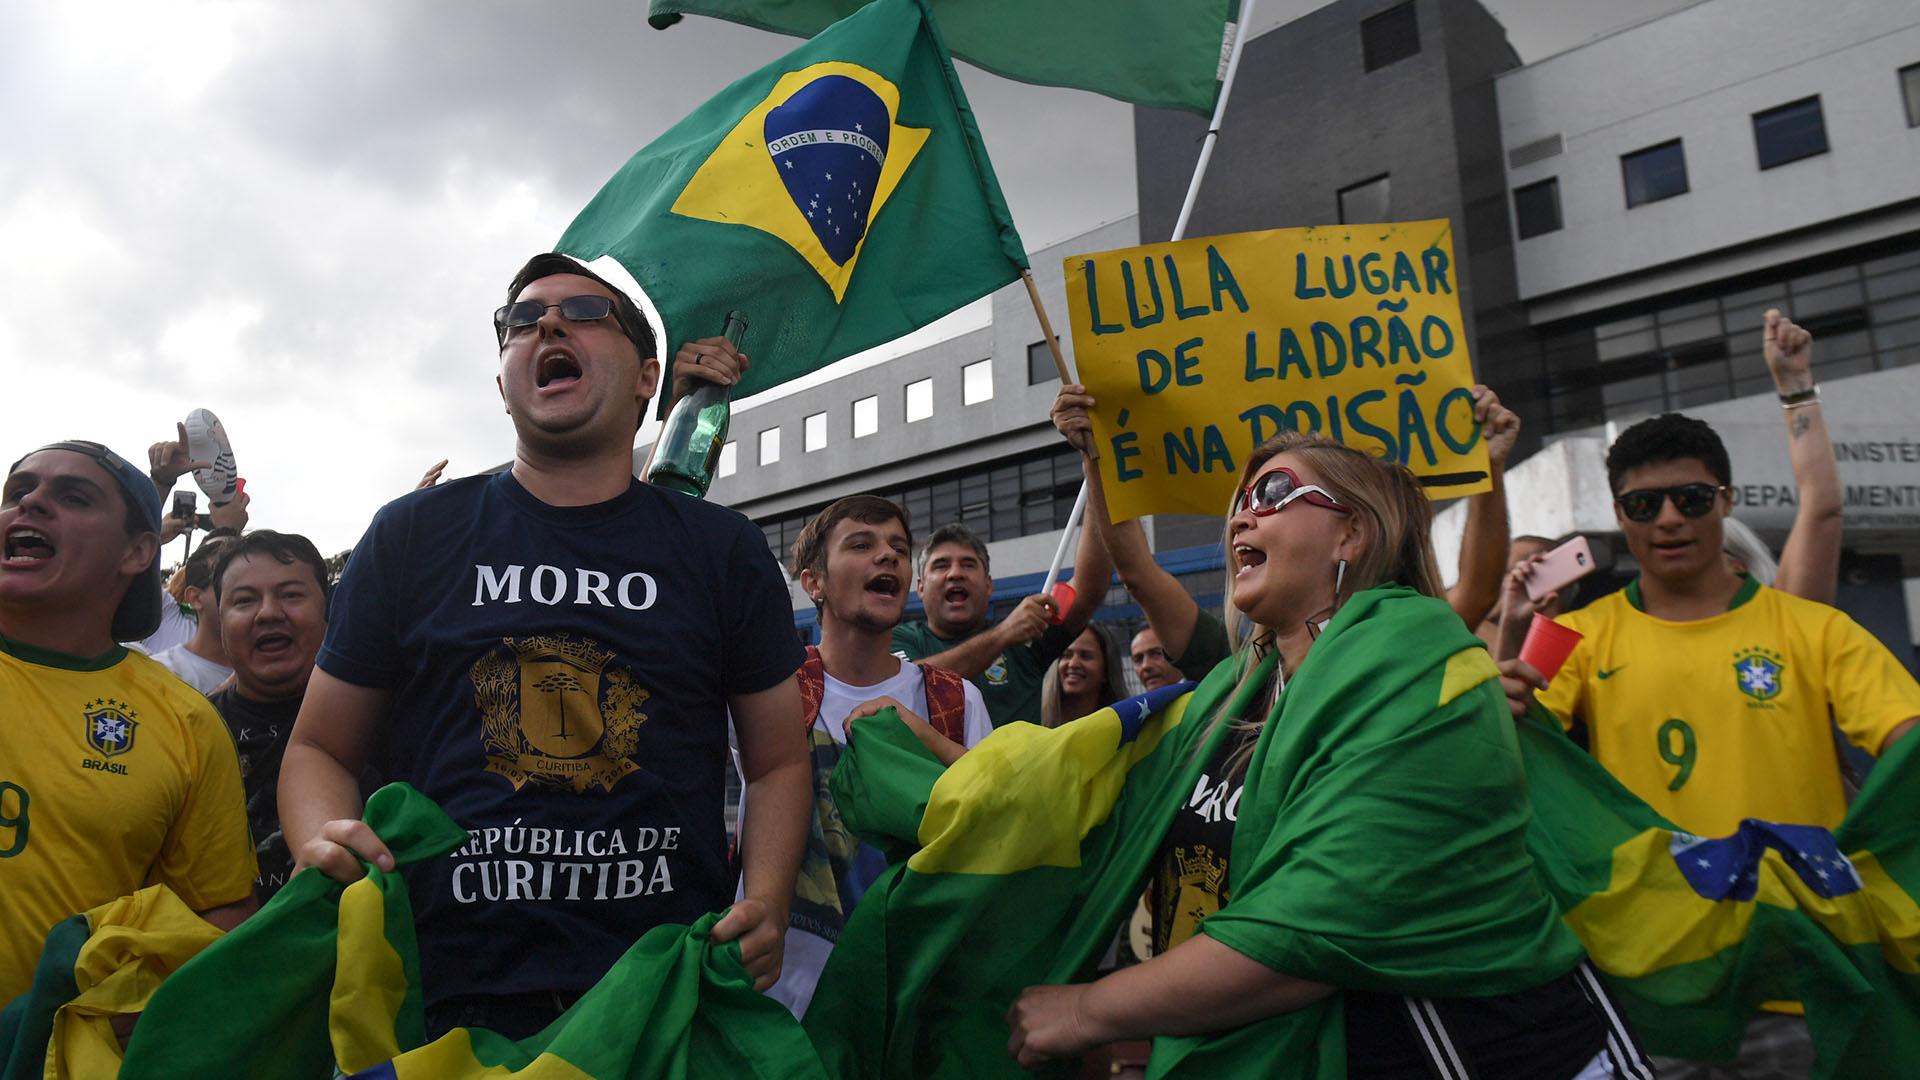 Opositores al ex mandatario, celebraron la decisión del fiscal Moro enCuritiba. (AFP PHOTO / Mauro PIMENTEL)